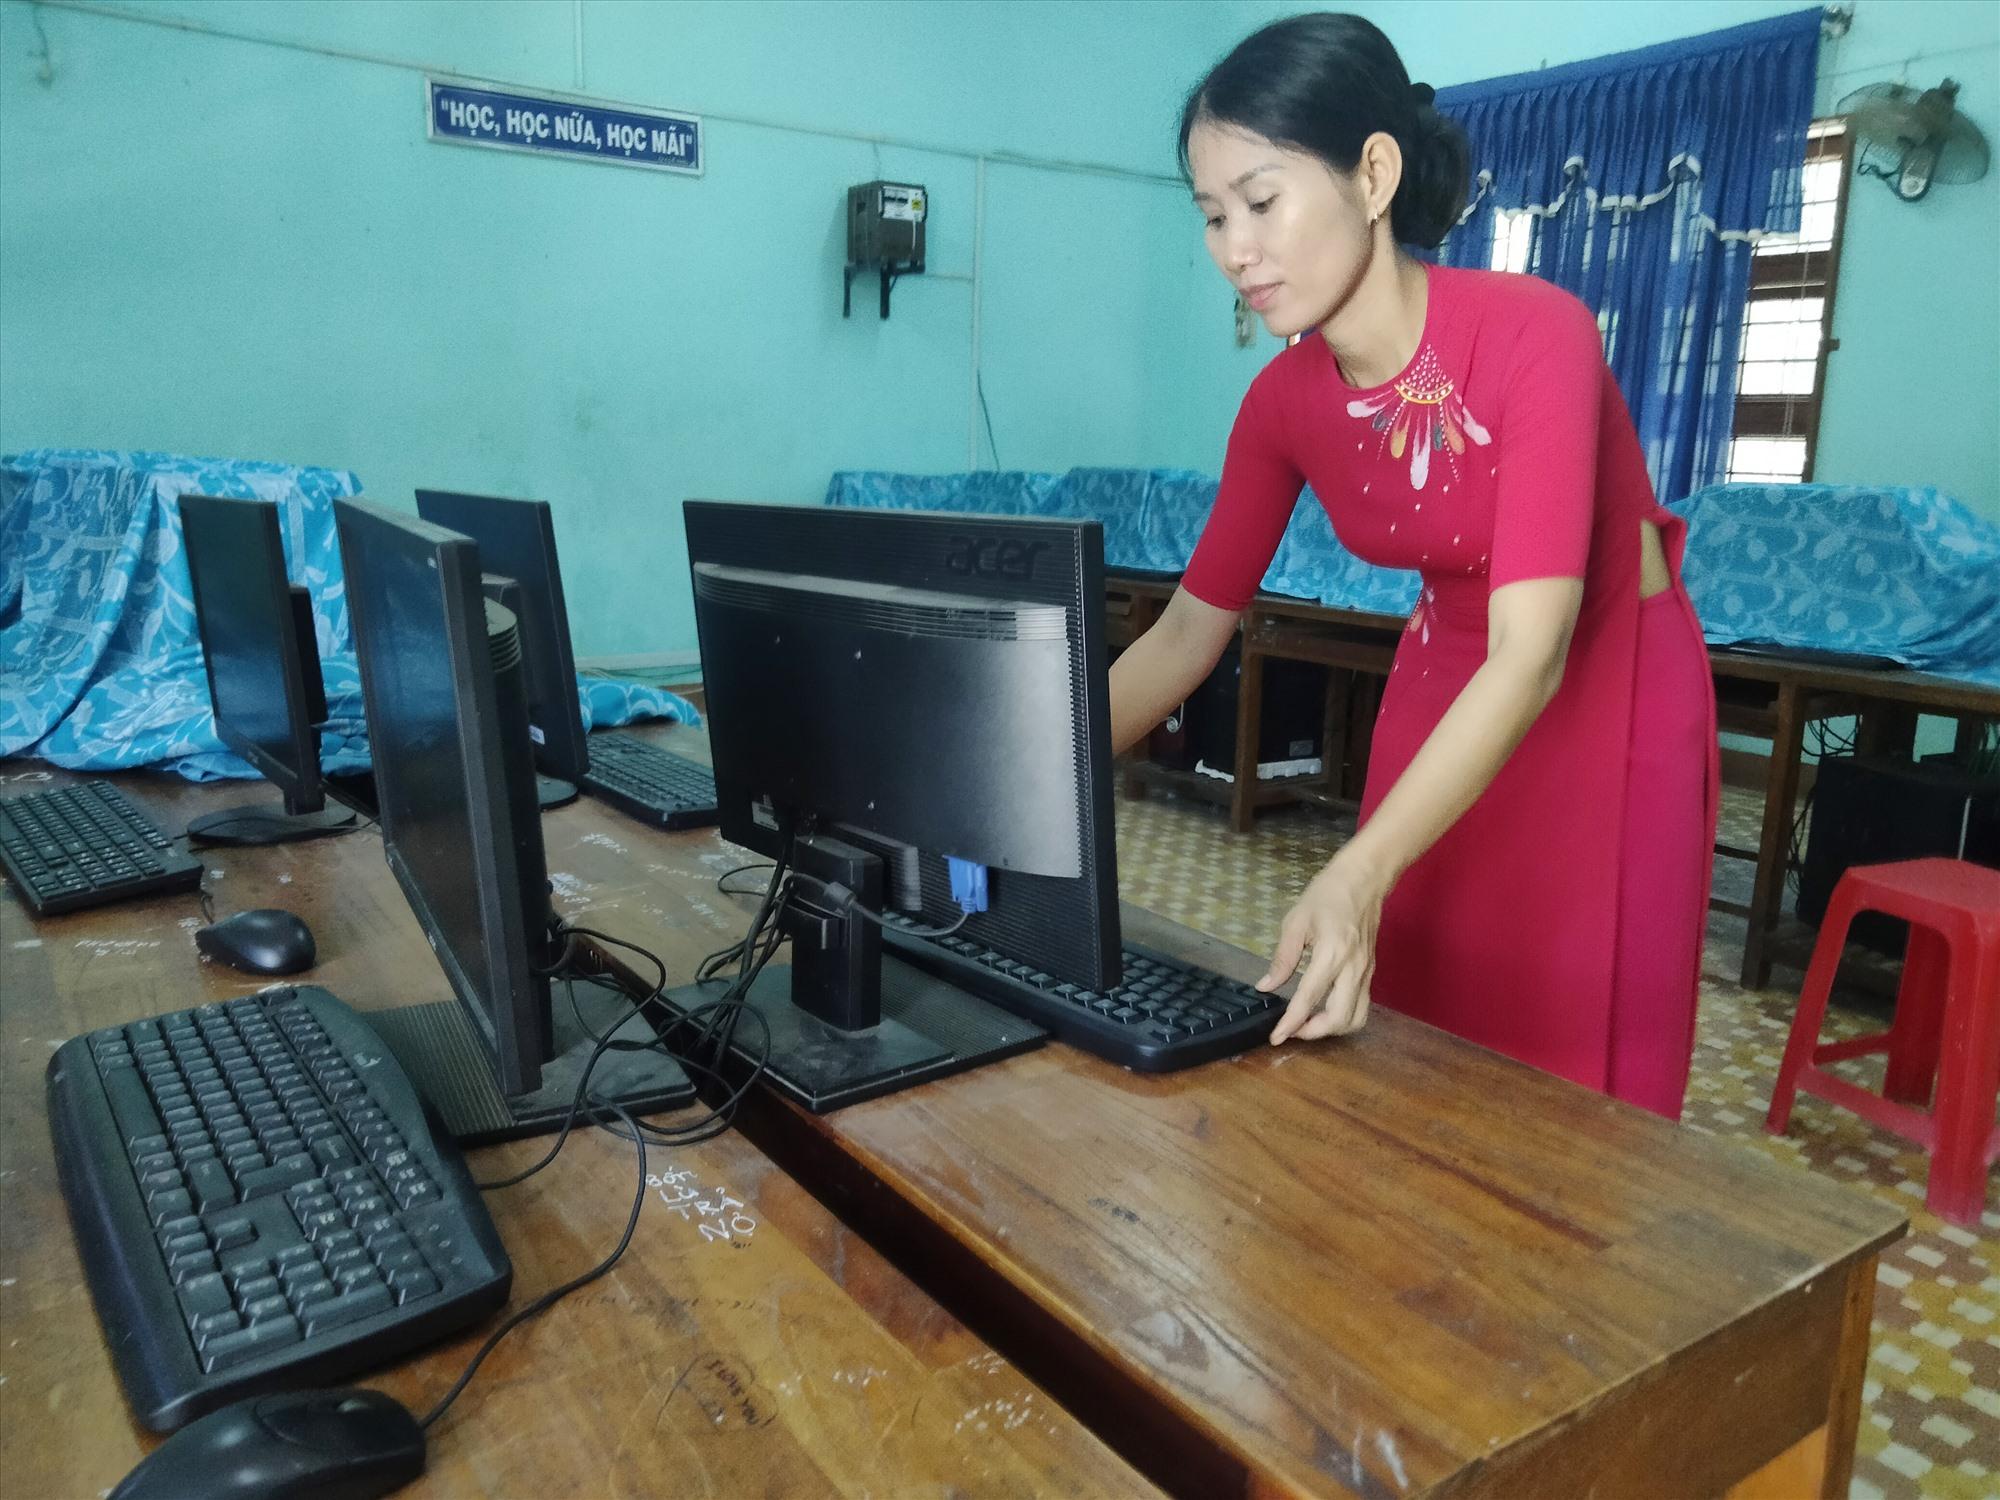 Giáo viên Trường TH và THCS Nguyễn Công Trứ (xã Bình Chánh) chuẩn bị điều kiện đảm bảo đón học sinh năm học đến. Ảnh: BIÊN THỰC